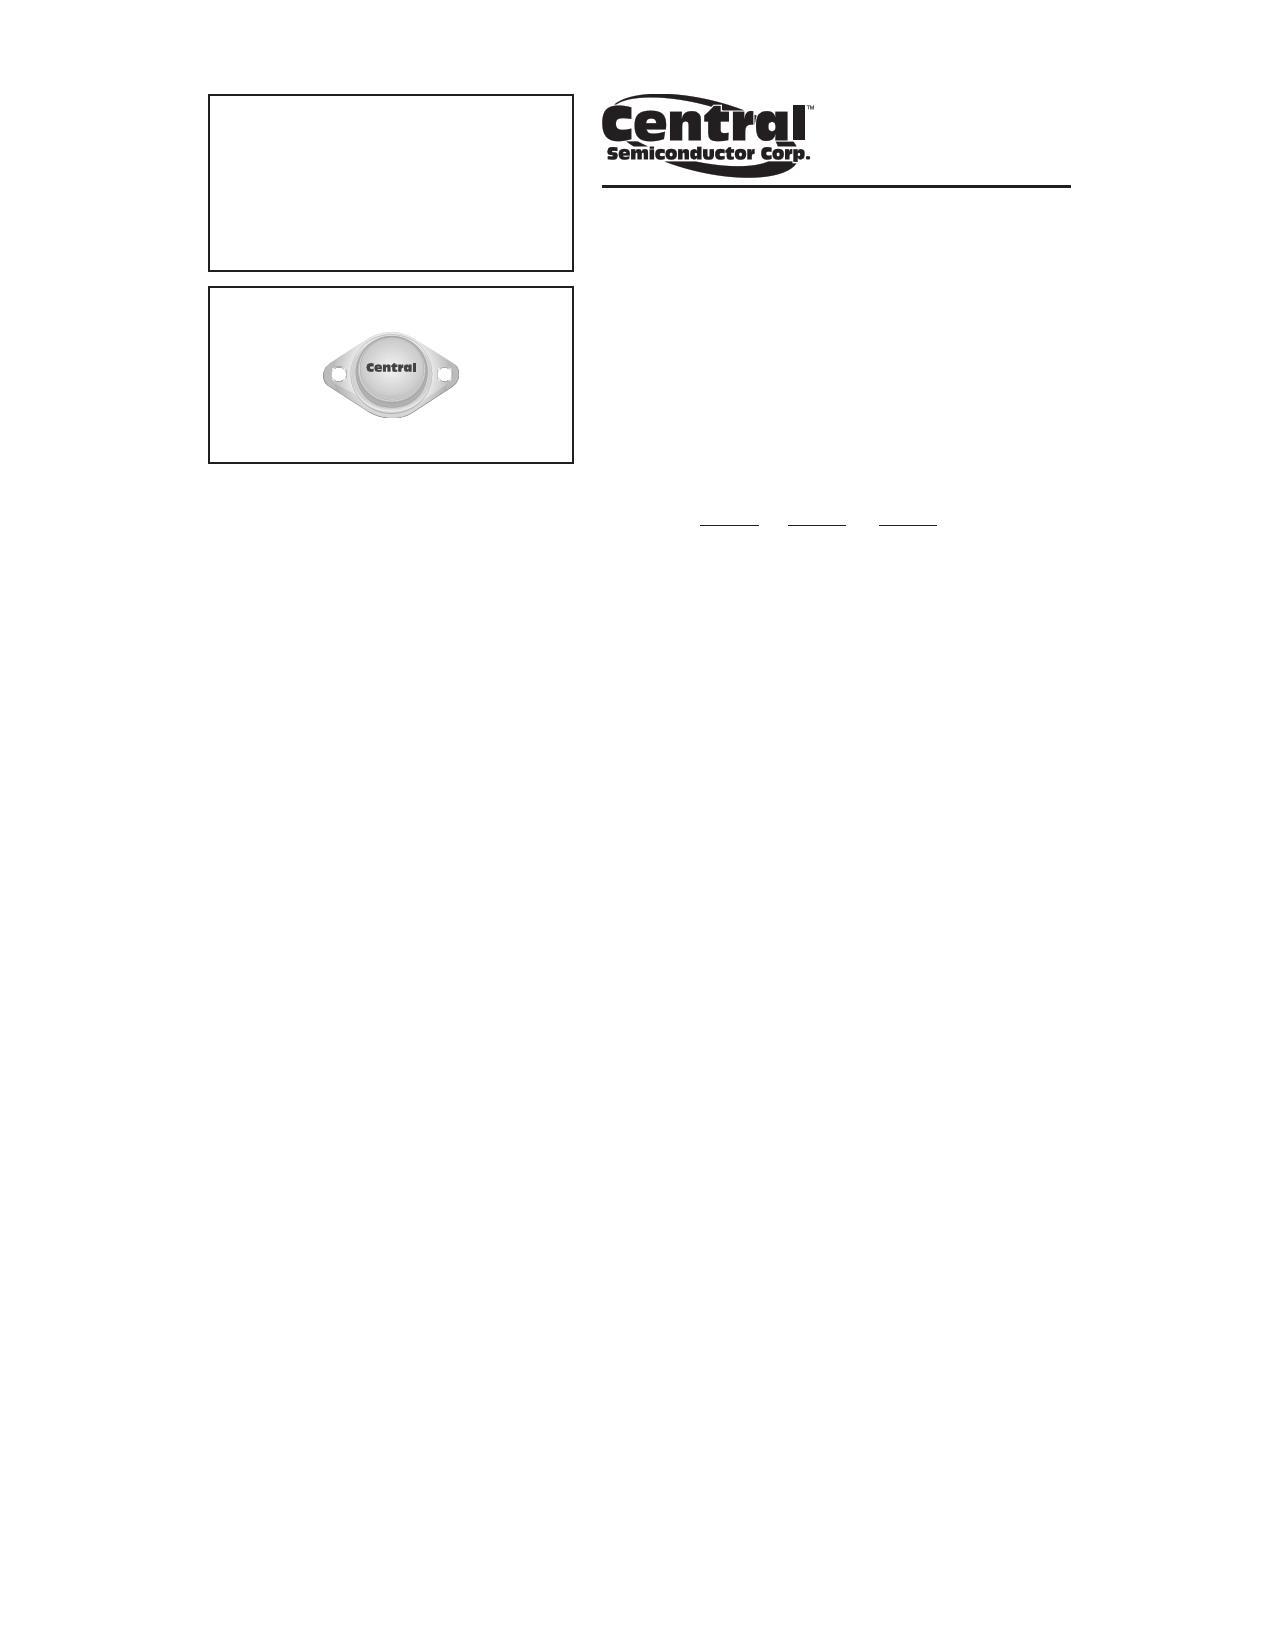 2N6284 Datasheet, 2N6284 PDF,ピン配置, 機能